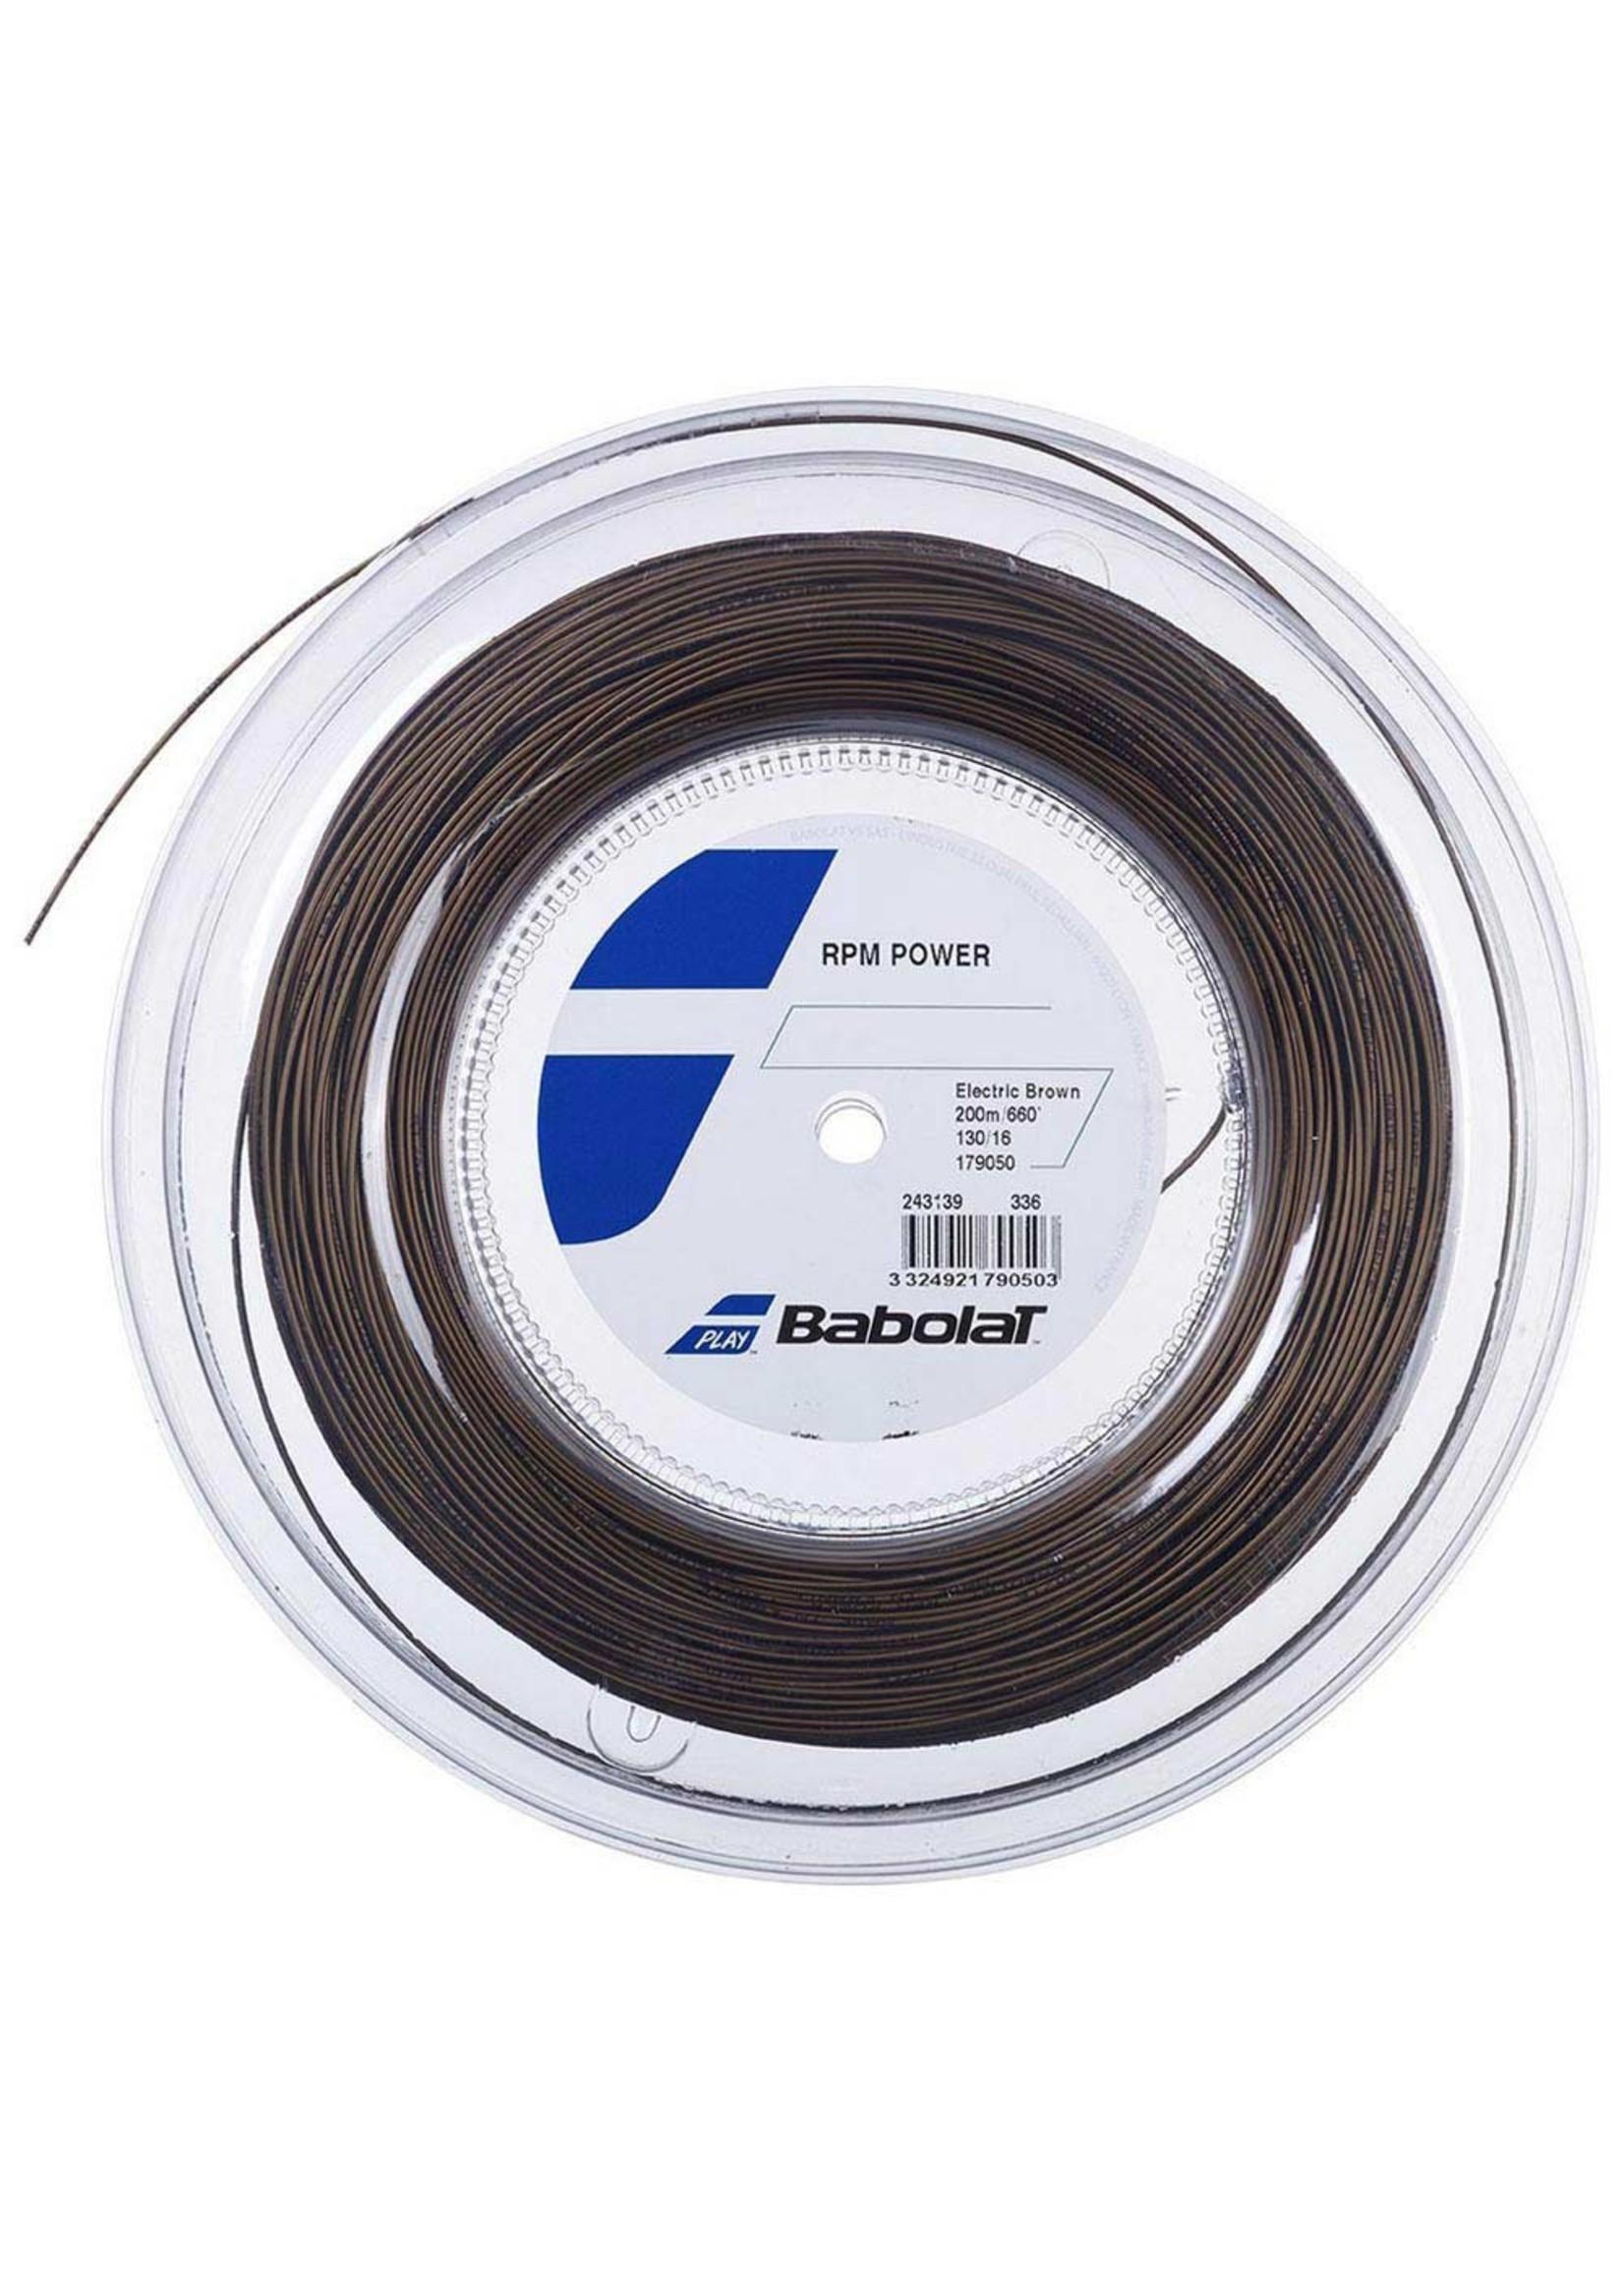 Babolat Babolat RPM Power Tennis String - 200m Reel